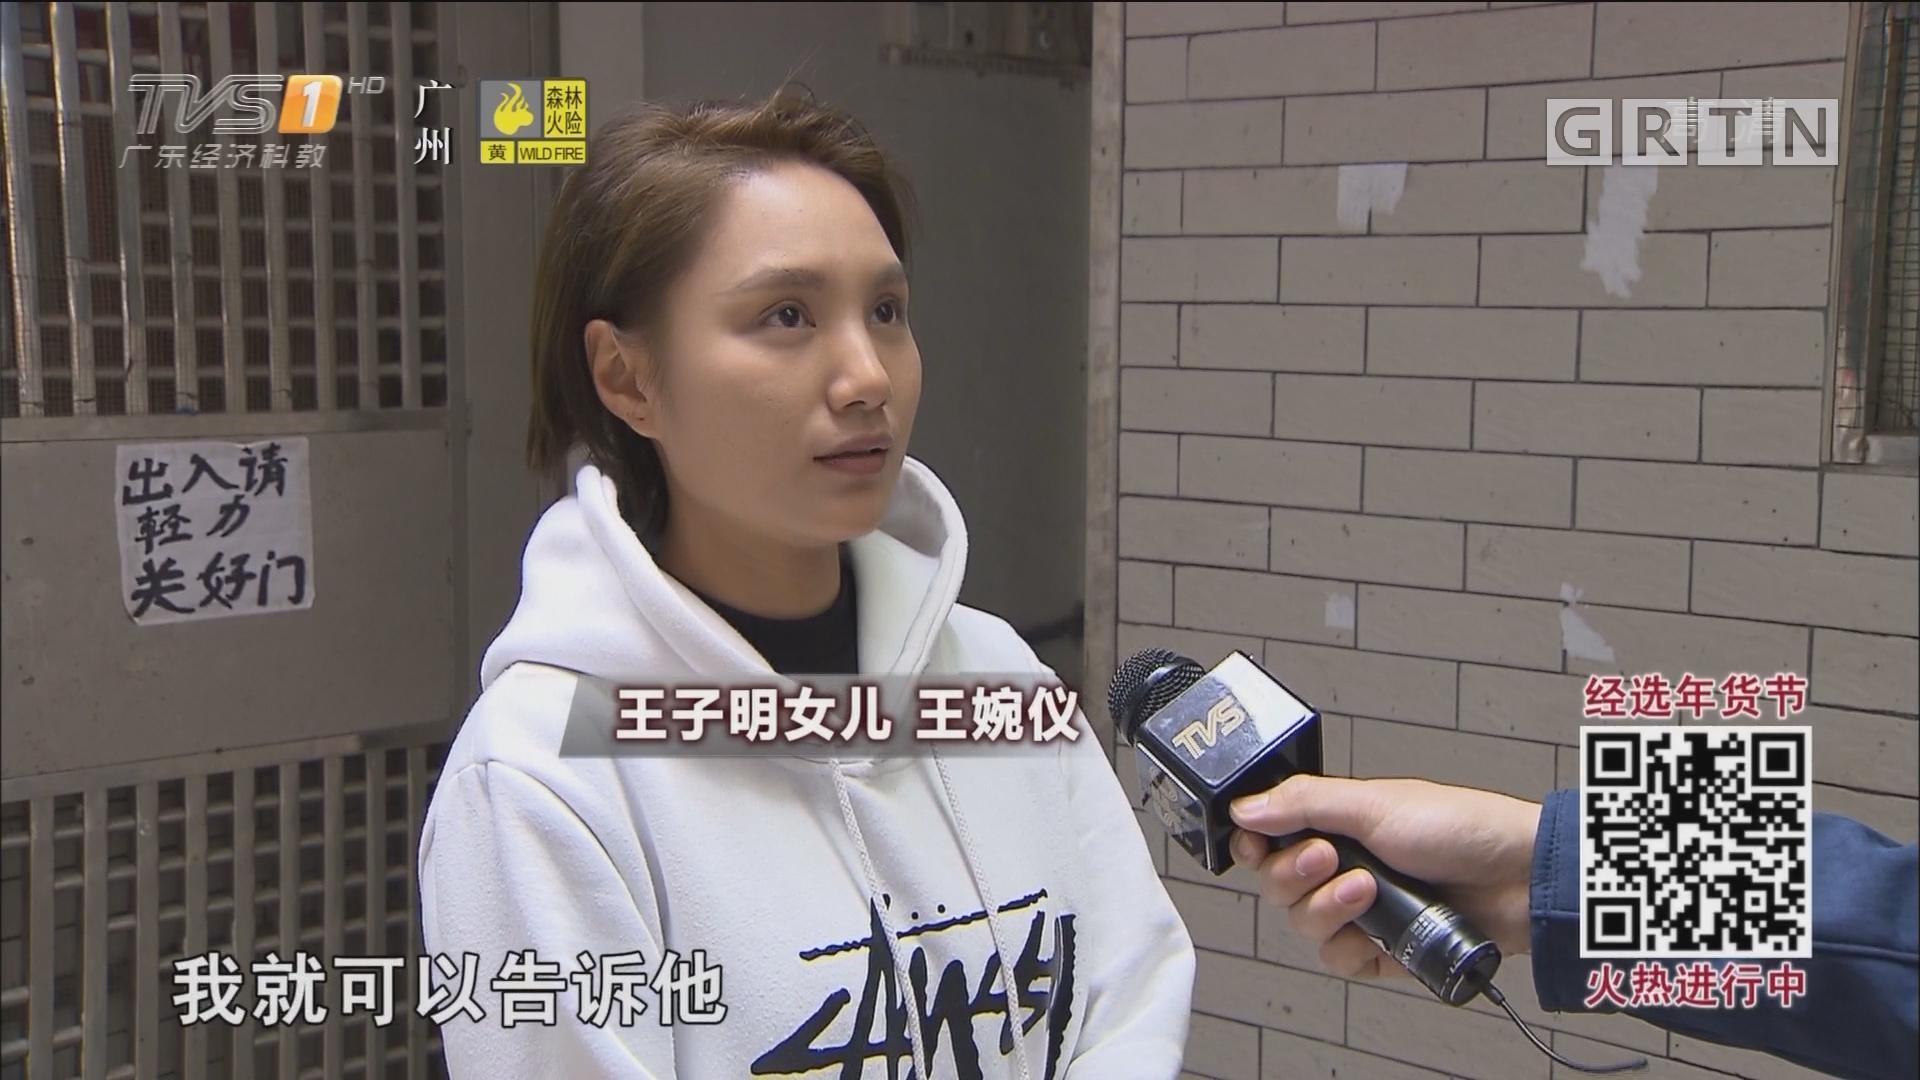 广州:市领导慰问见义勇为牺牲者家属